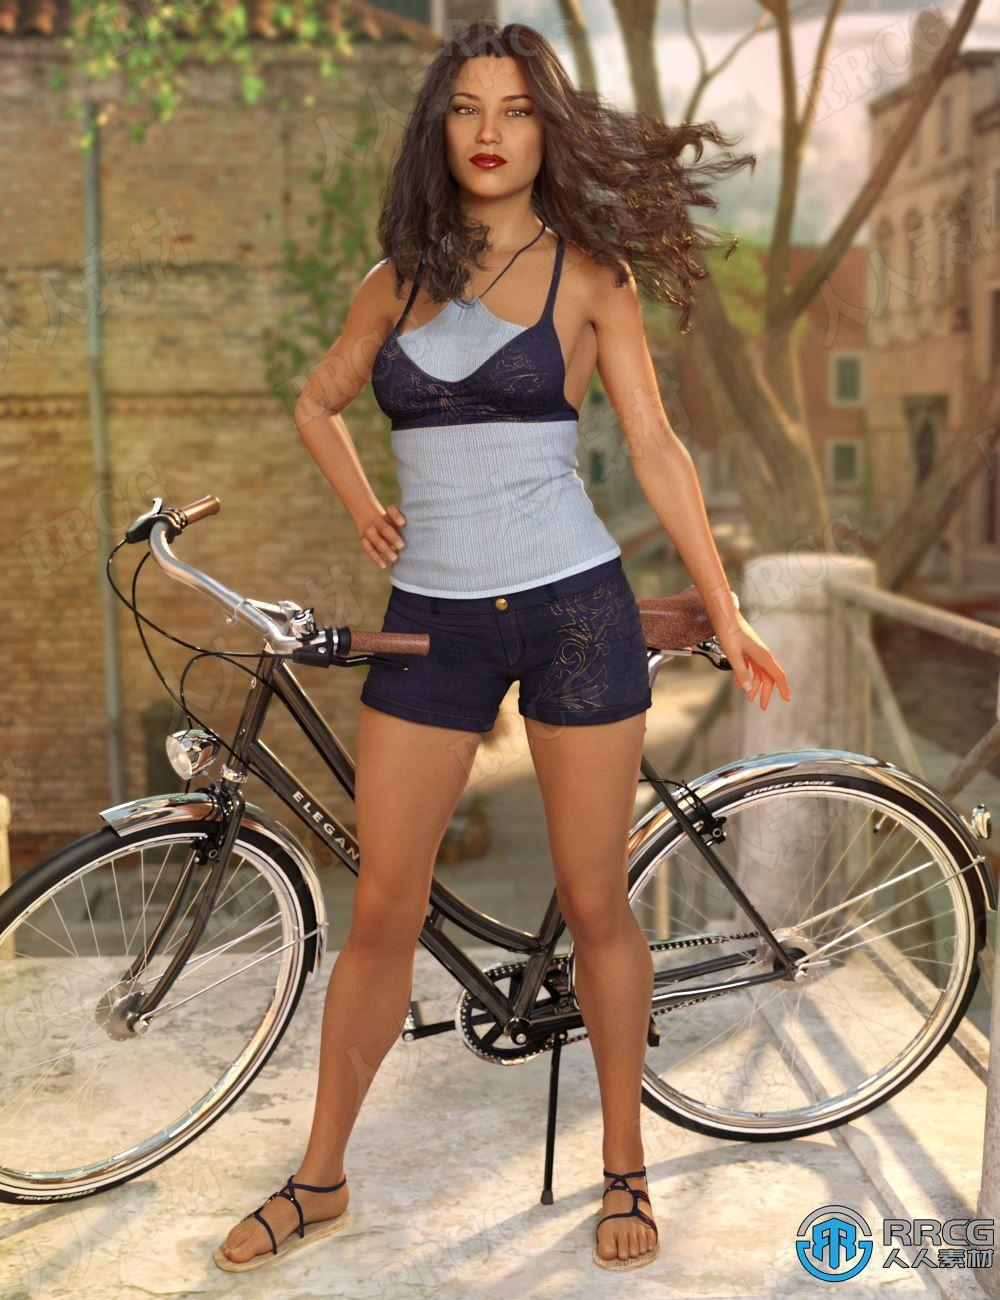 夏季凉爽女性吊带服饰套装3D模型合集